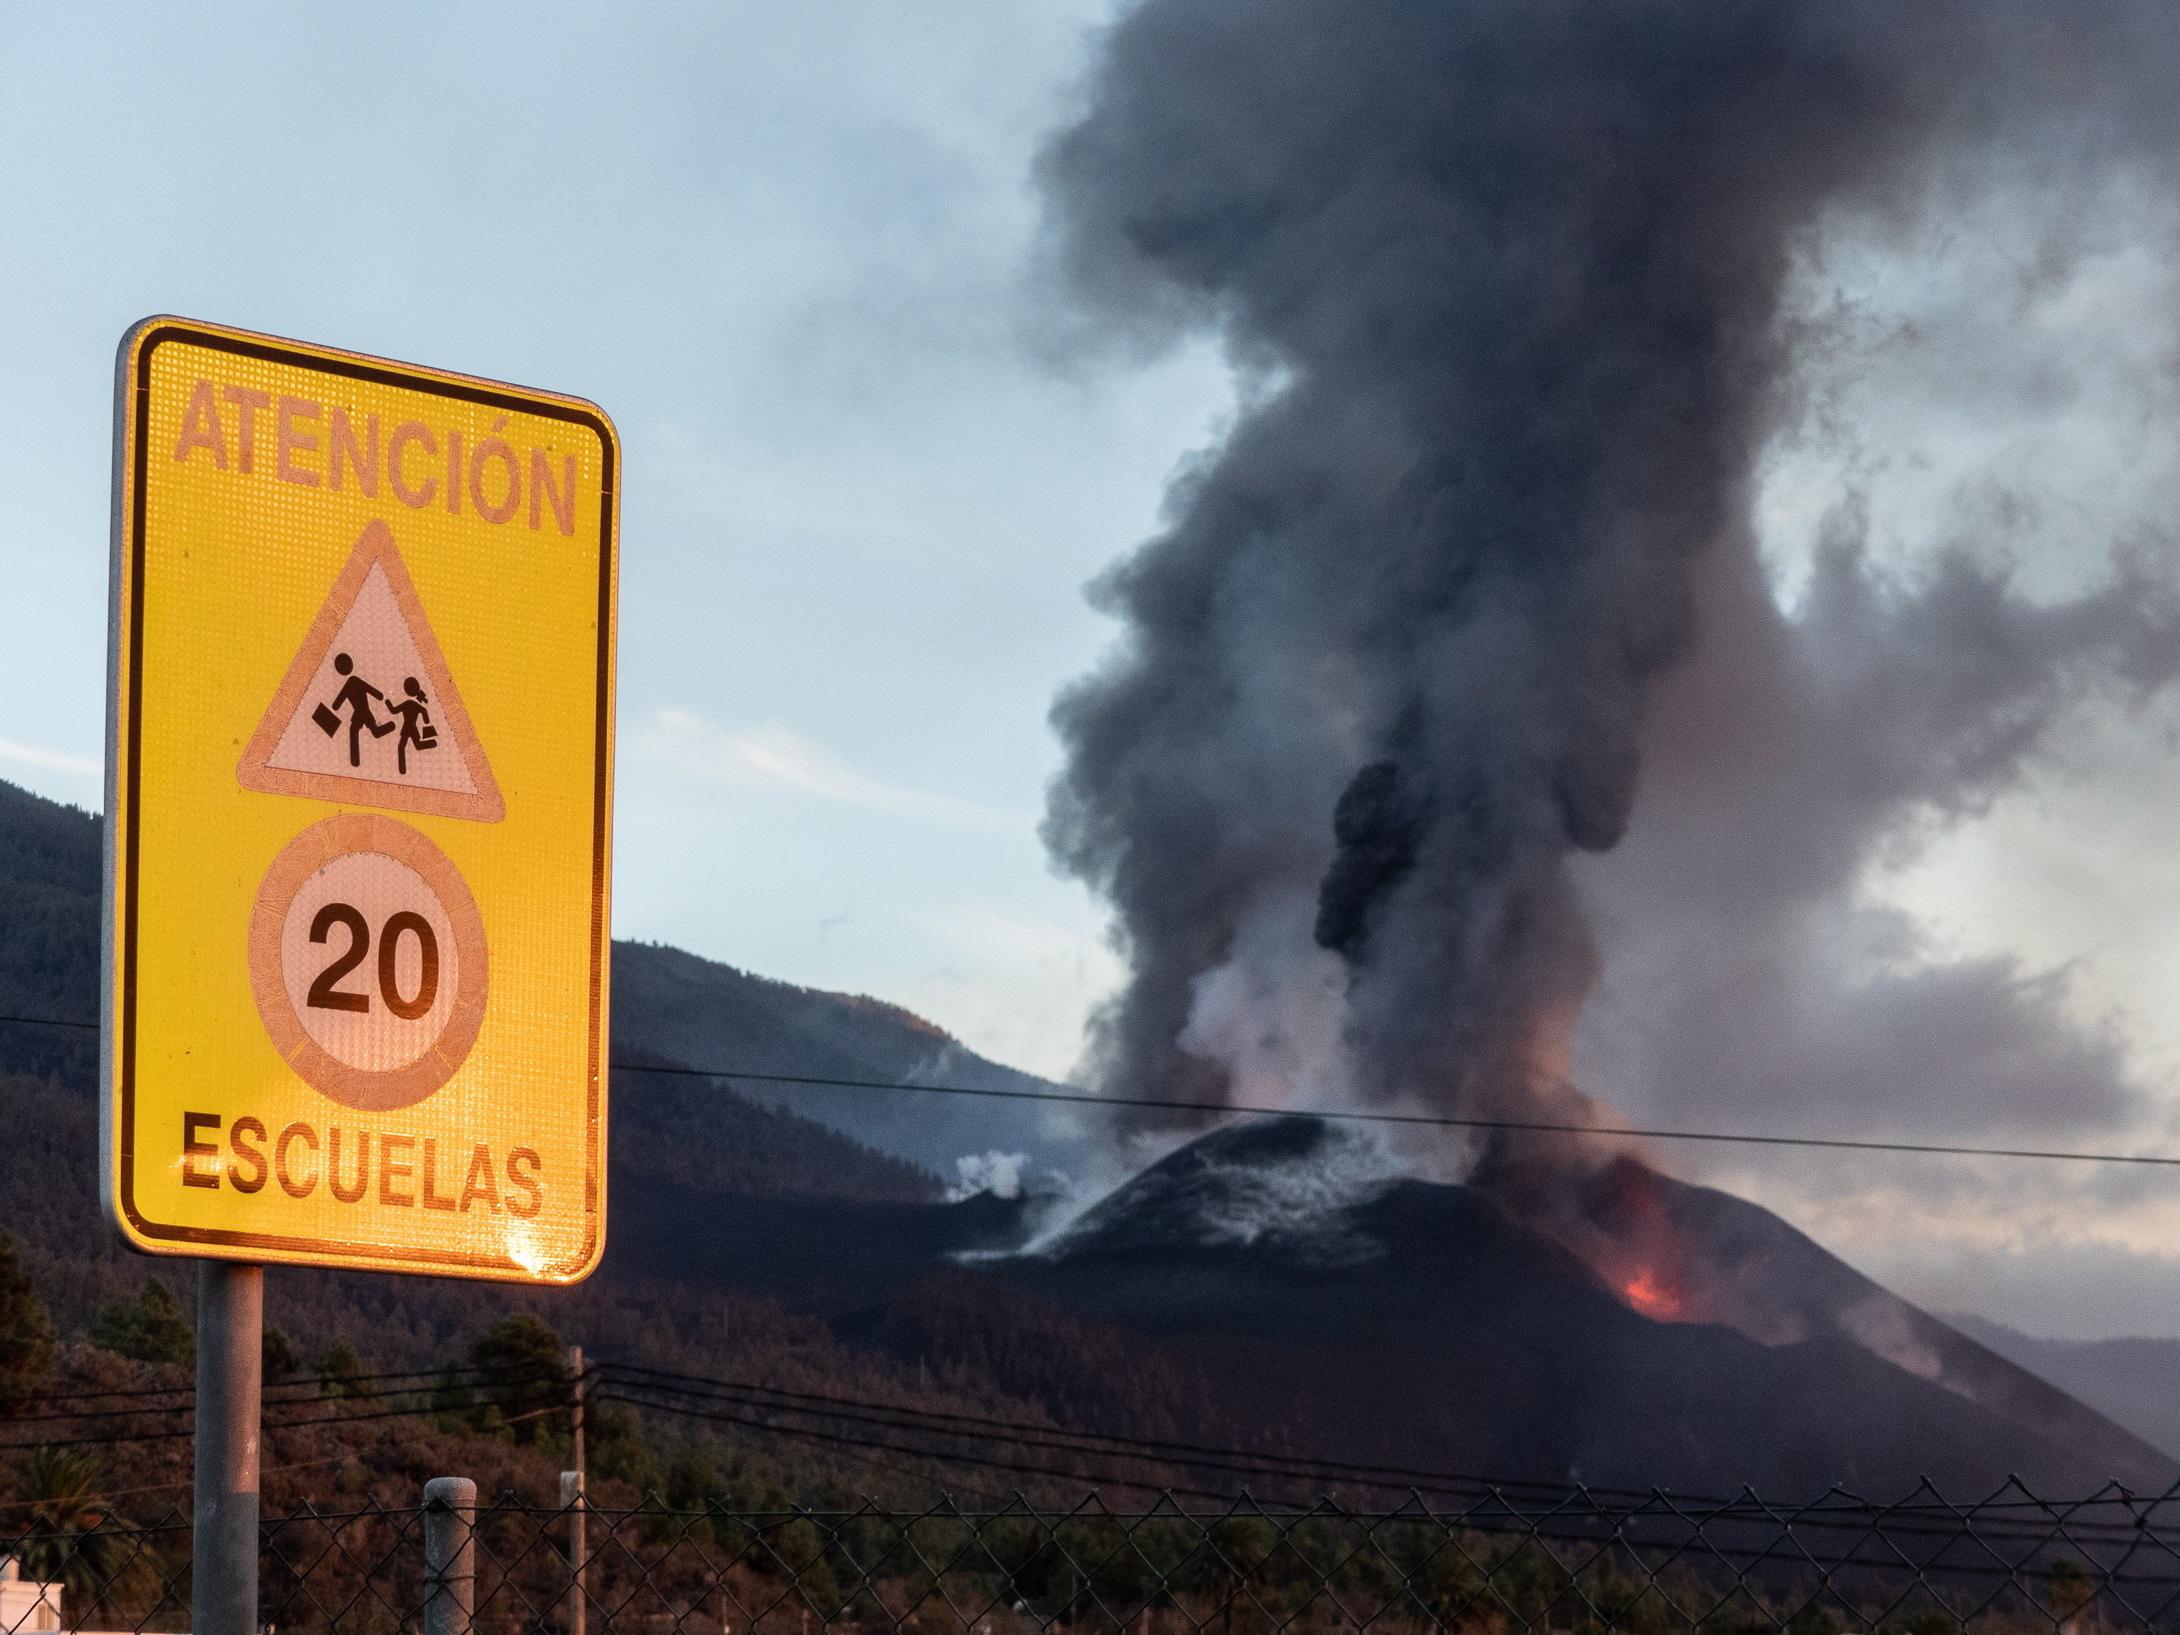 Emissões de dióxido de enxofre de vulcão Cumbre Vieja preocupam autoridades